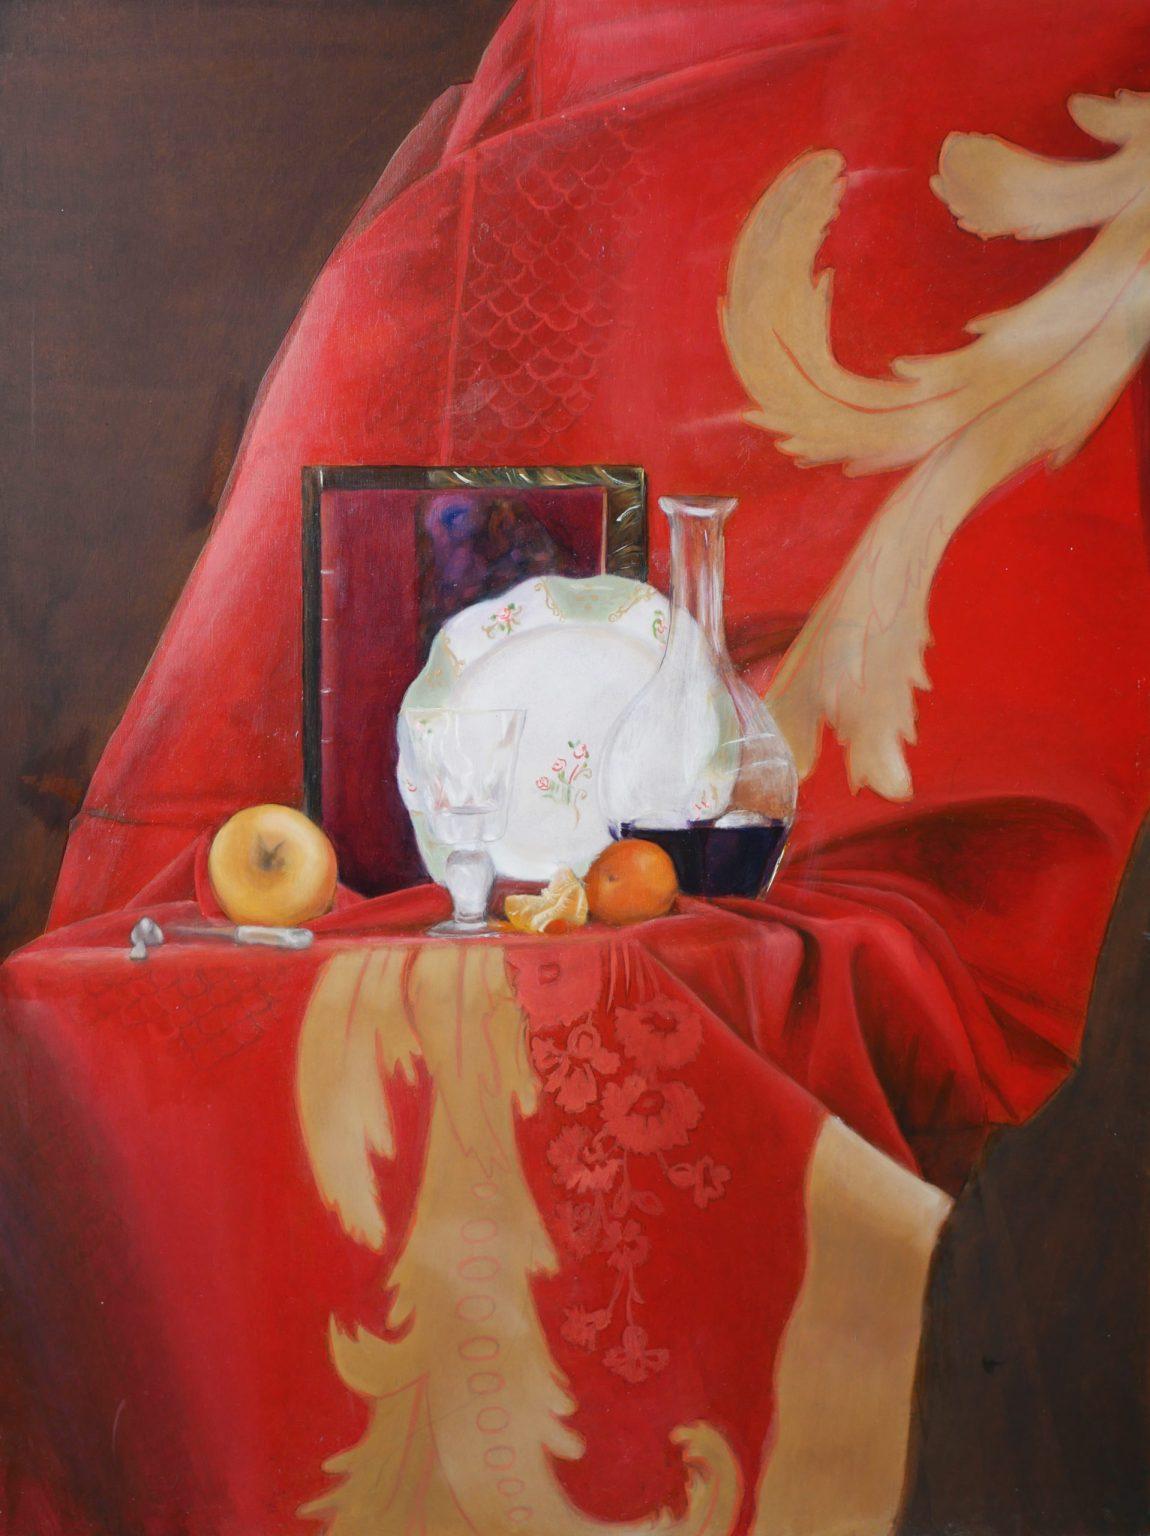 Décor trompe l'oeil nature morte, peintre en décor Bordeaux